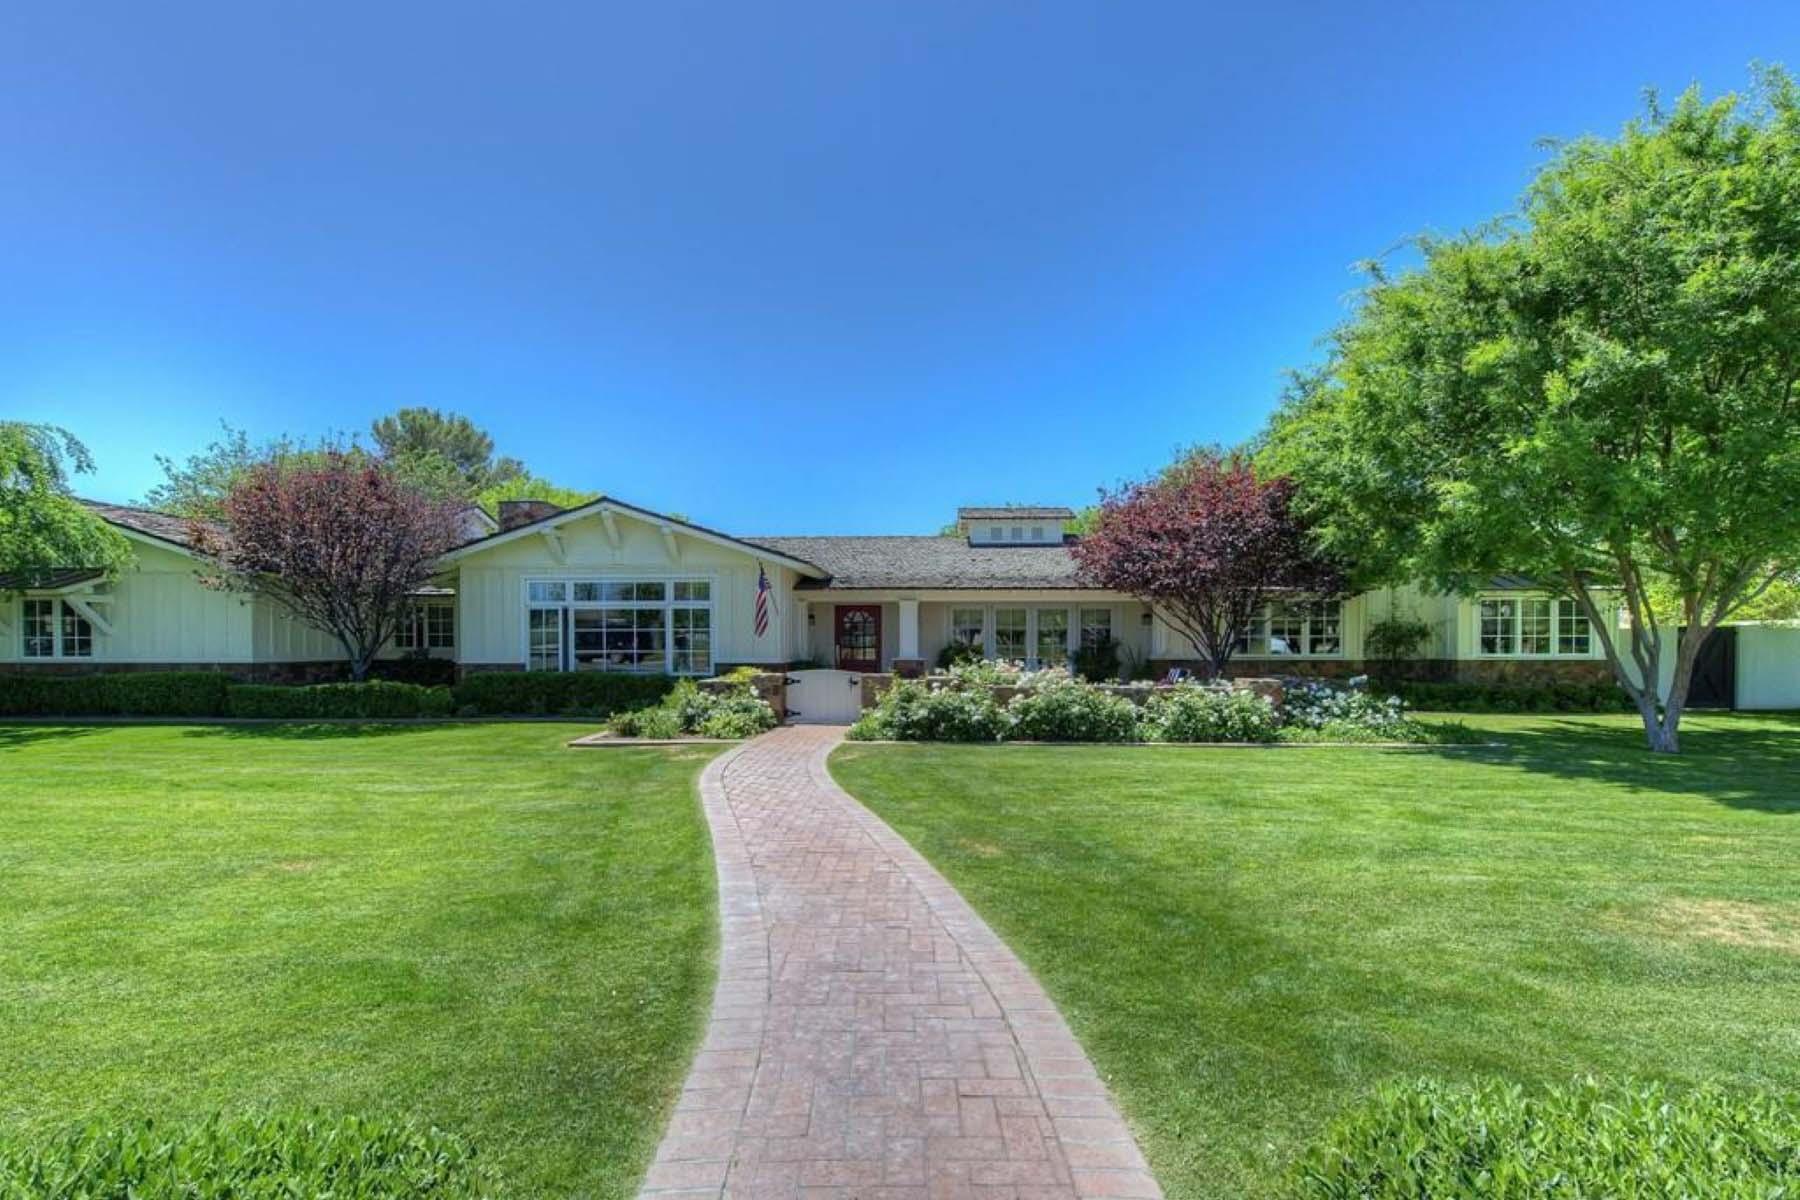 Частный односемейный дом для того Продажа на Idyllic Arcadia in this picture-perfect ranch style home. 5101 E Roma AVE Phoenix, Аризона 85018 Соединенные Штаты